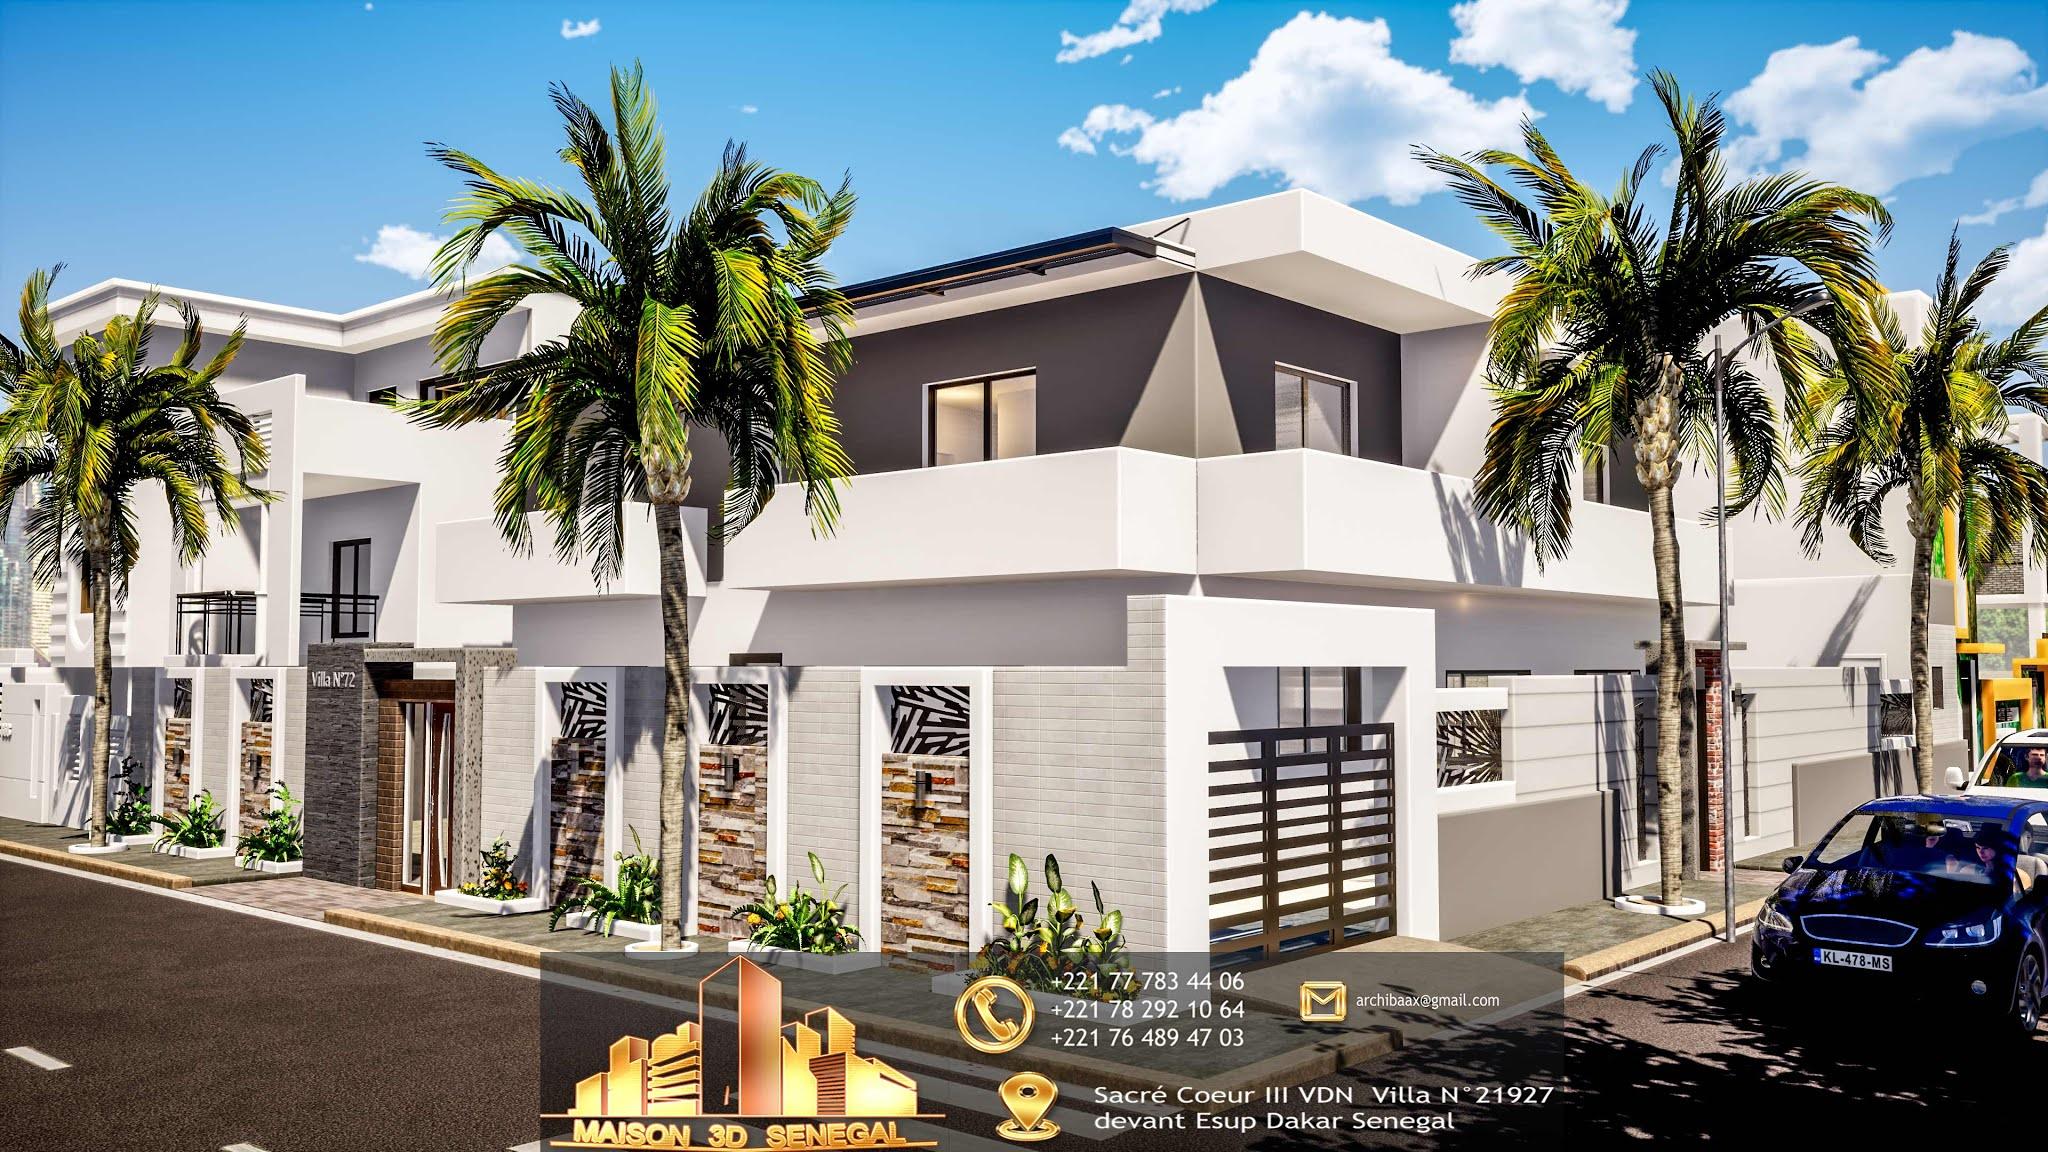 Maison 3d Dakar Senegal In 2020 Maison Design